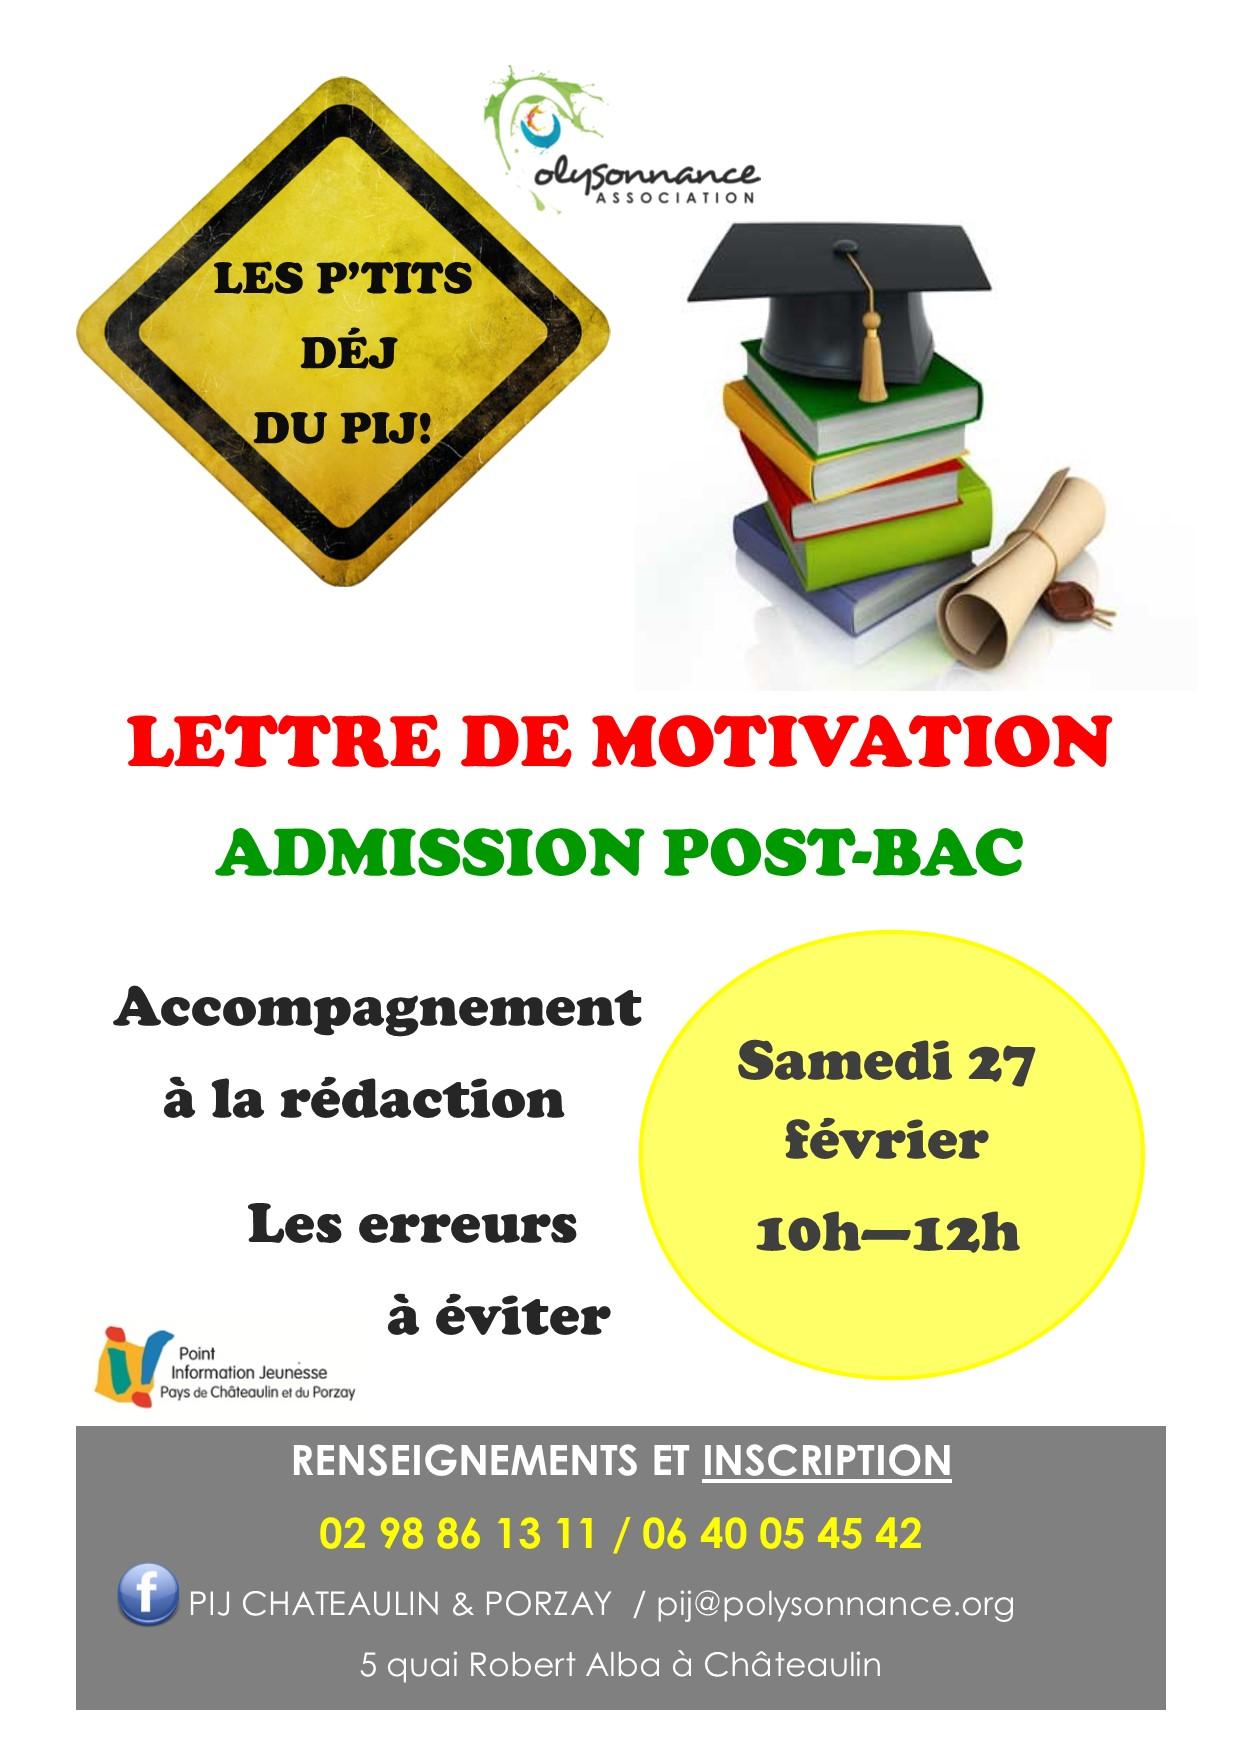 27 février P'tit déj du PIJ «Lettre de motivation admission post bac»